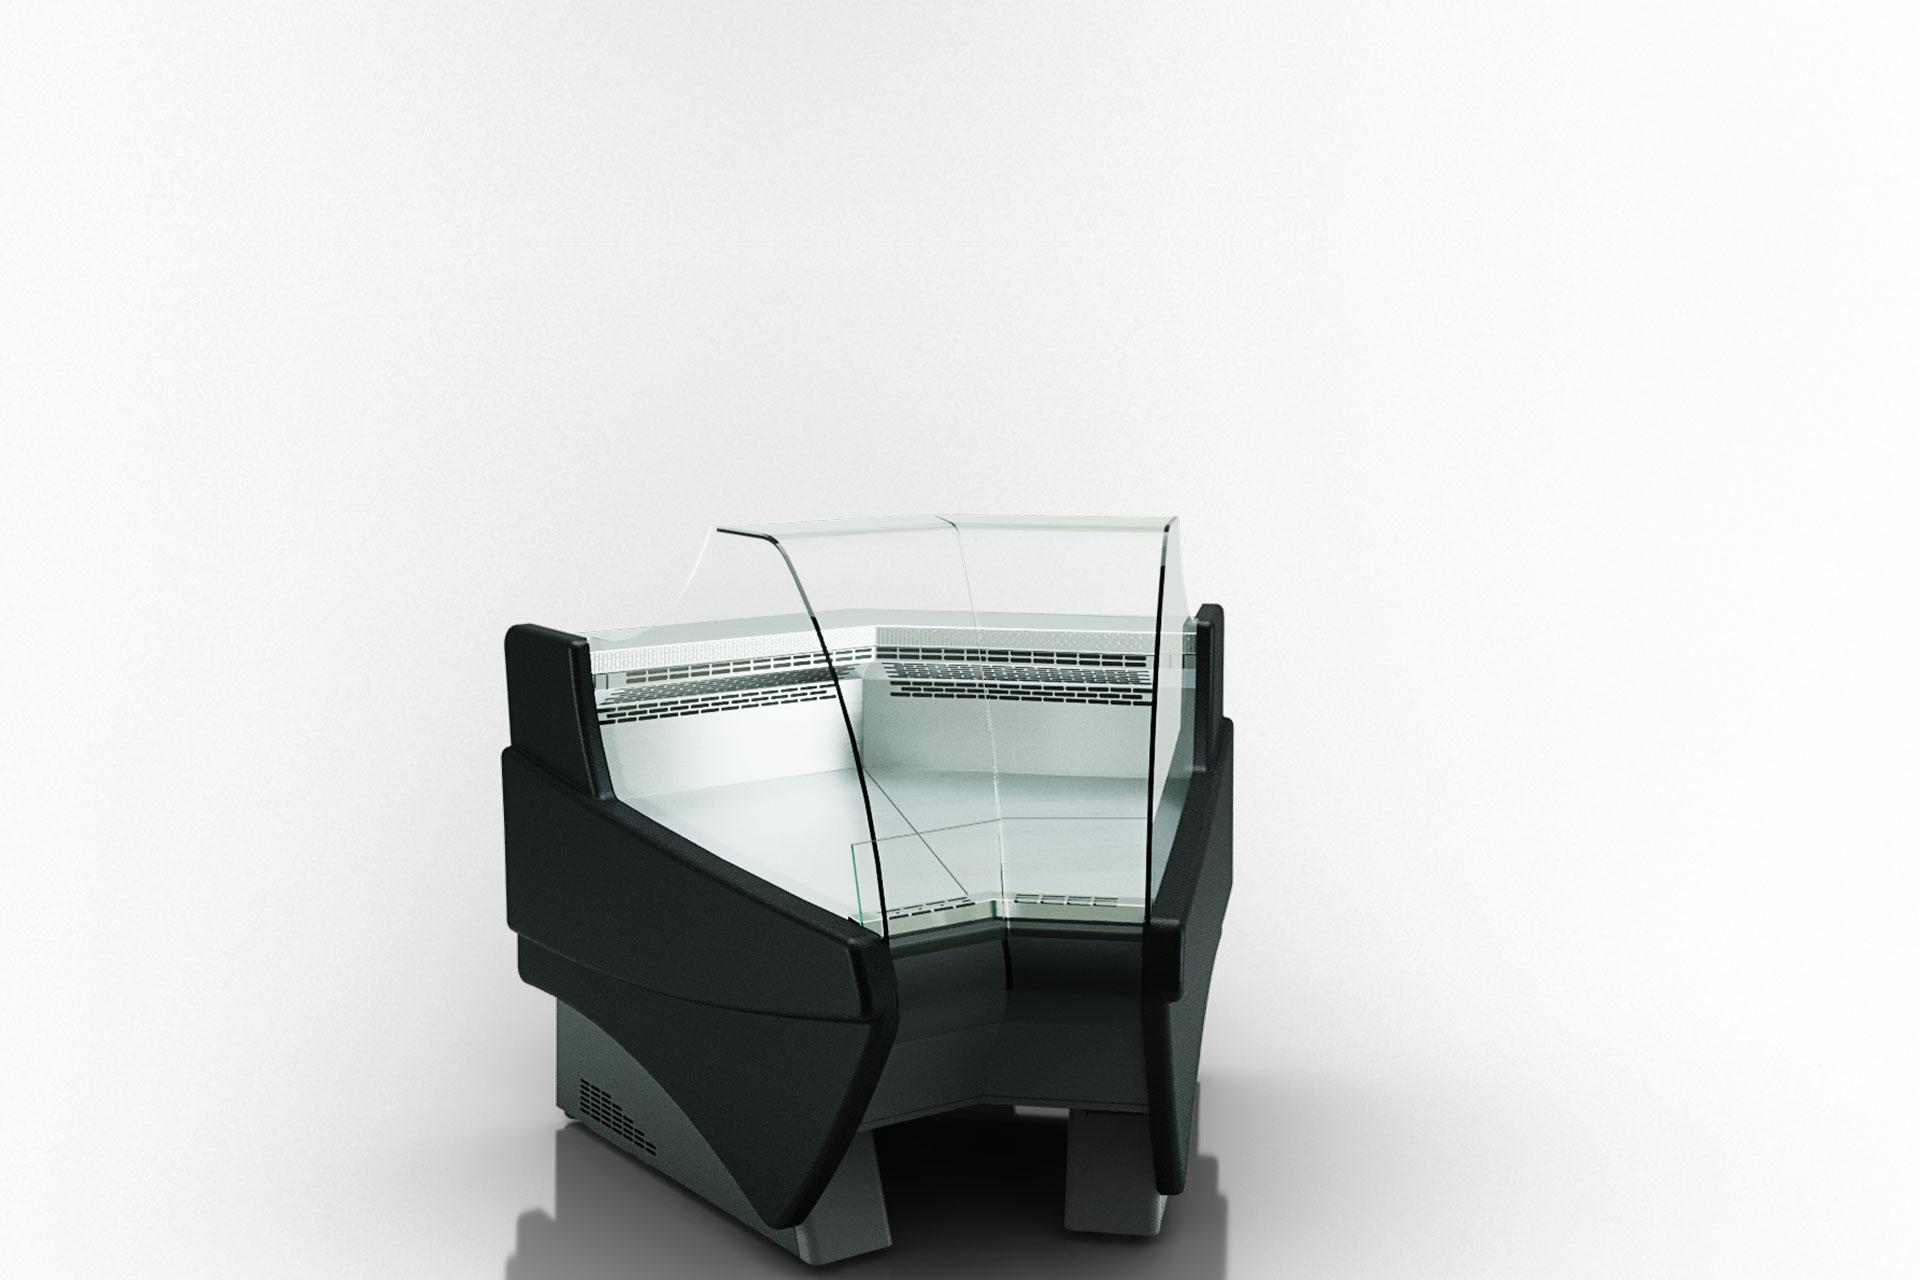 Kühlvitrinen Symphony luxe MG 120 deli T 110-DLM-IS45